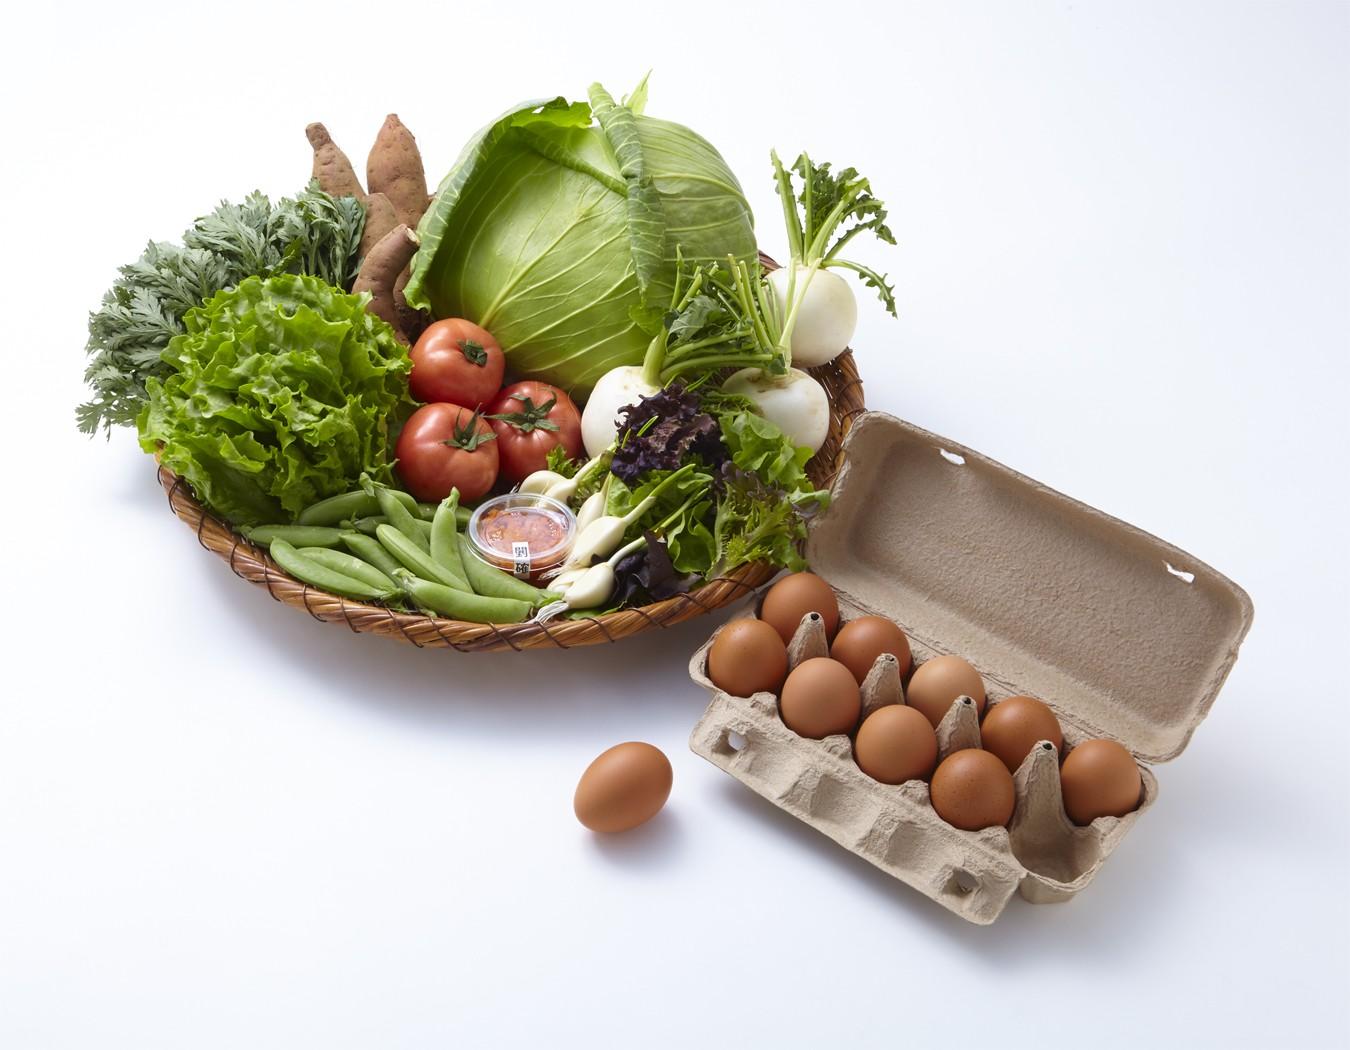 松浦海のふるさと館『旬のお野菜+産みたて濃厚玉子』の大満足セット!